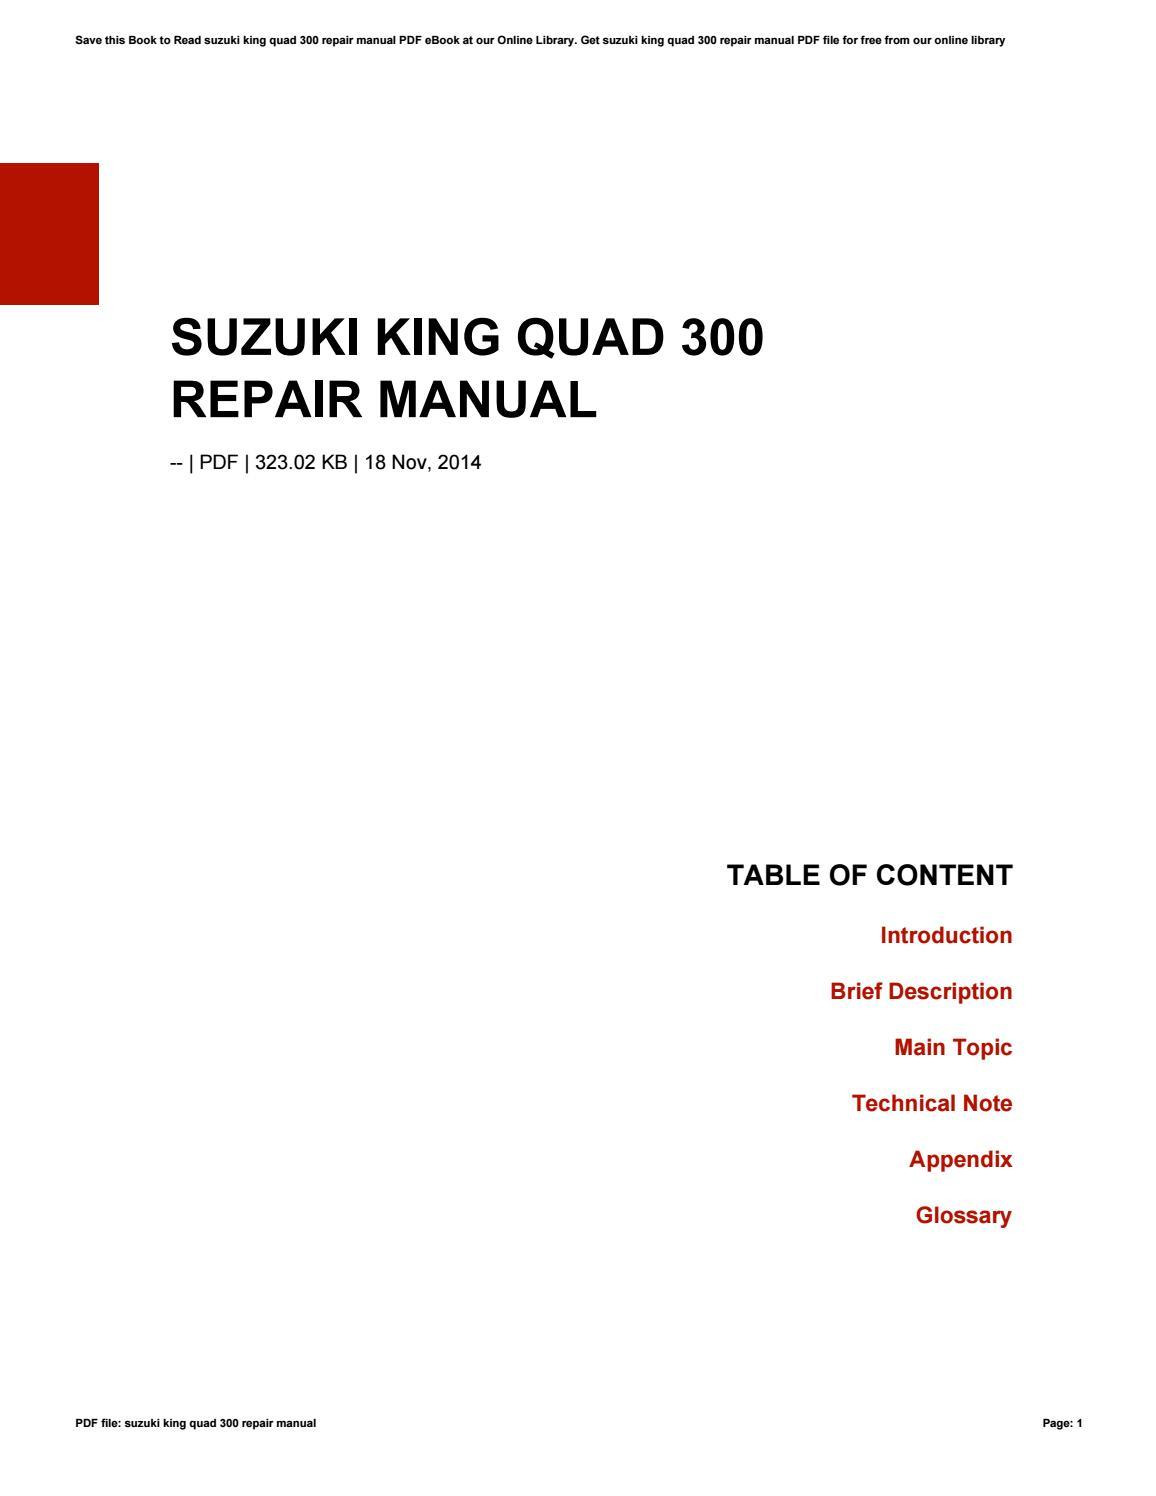 Suzuki King Quad 300 Repair Manual By Williambolden3859 Issuu